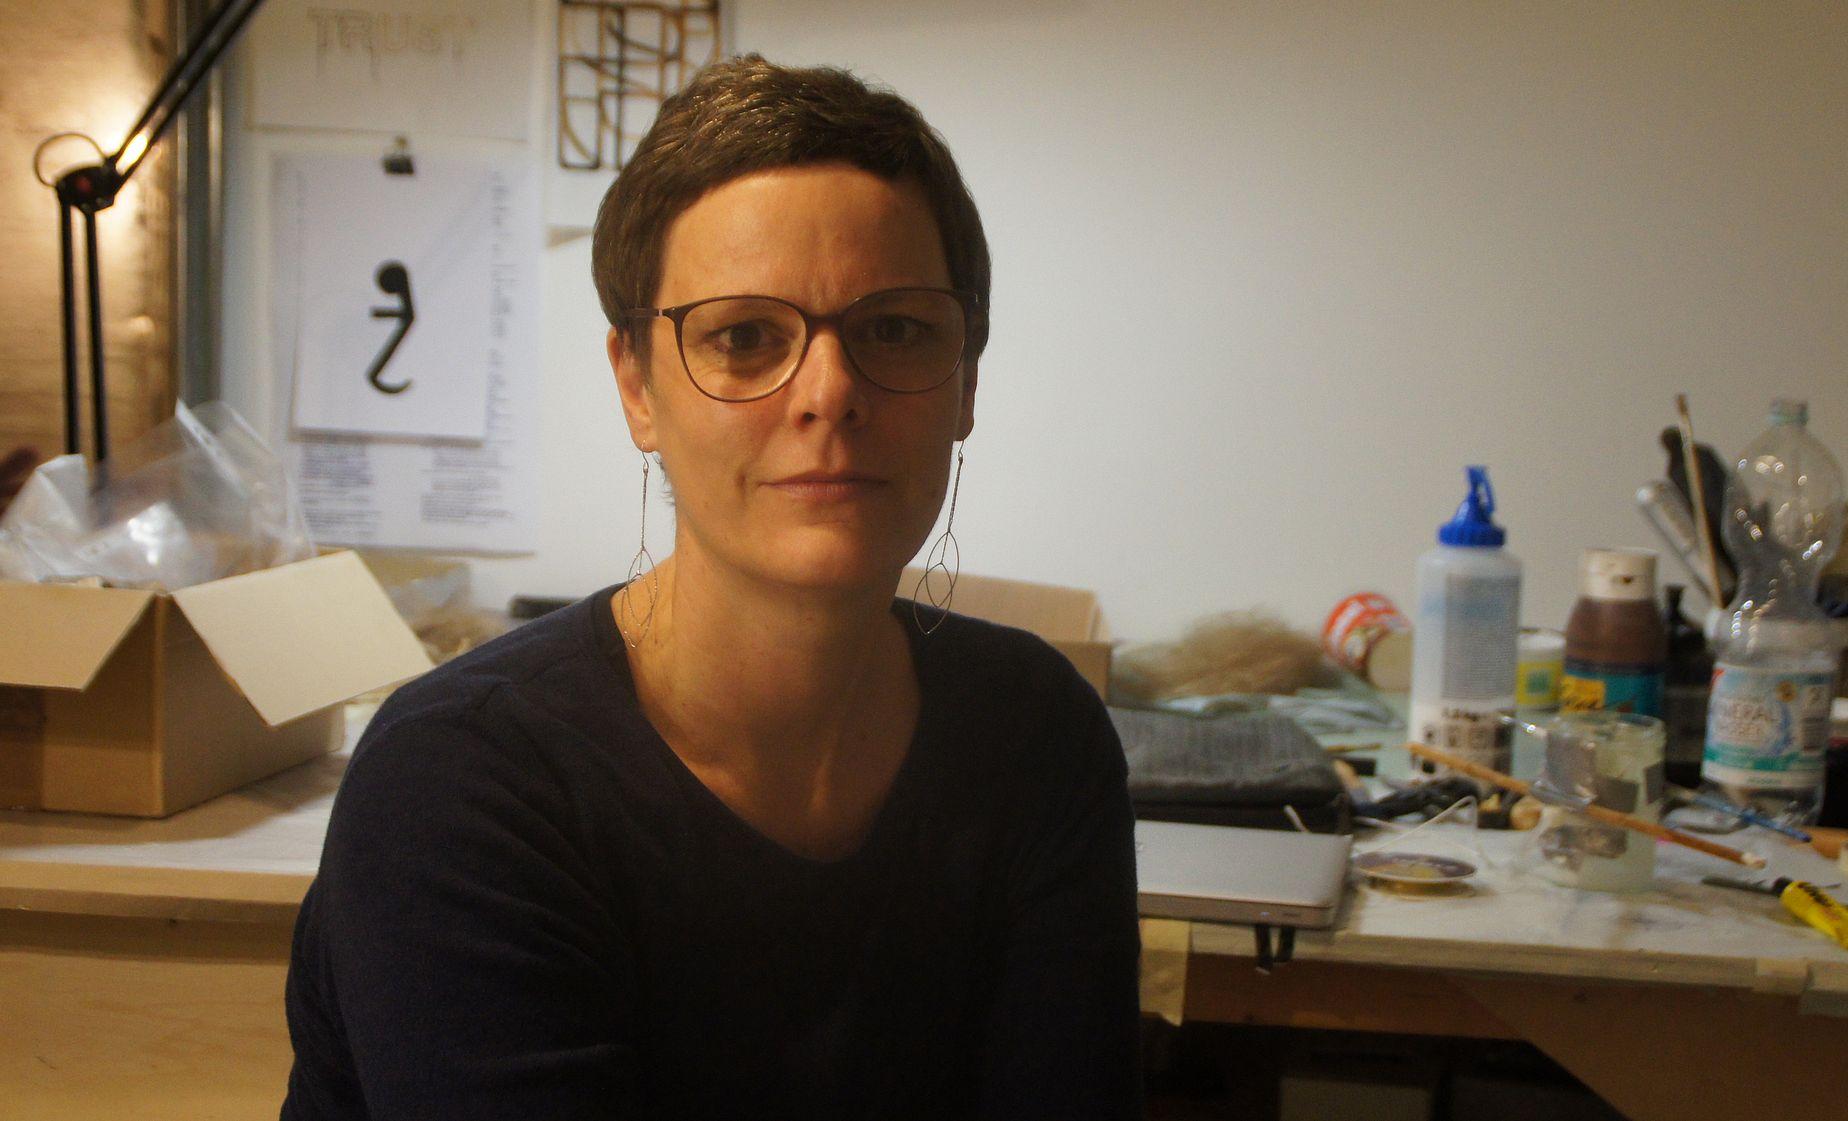 """Svea Duwe: """"Ist die Auseinandersetzung mit unserer Lebensrealität nicht immer schmerzhaft?"""" Foto: Philine"""